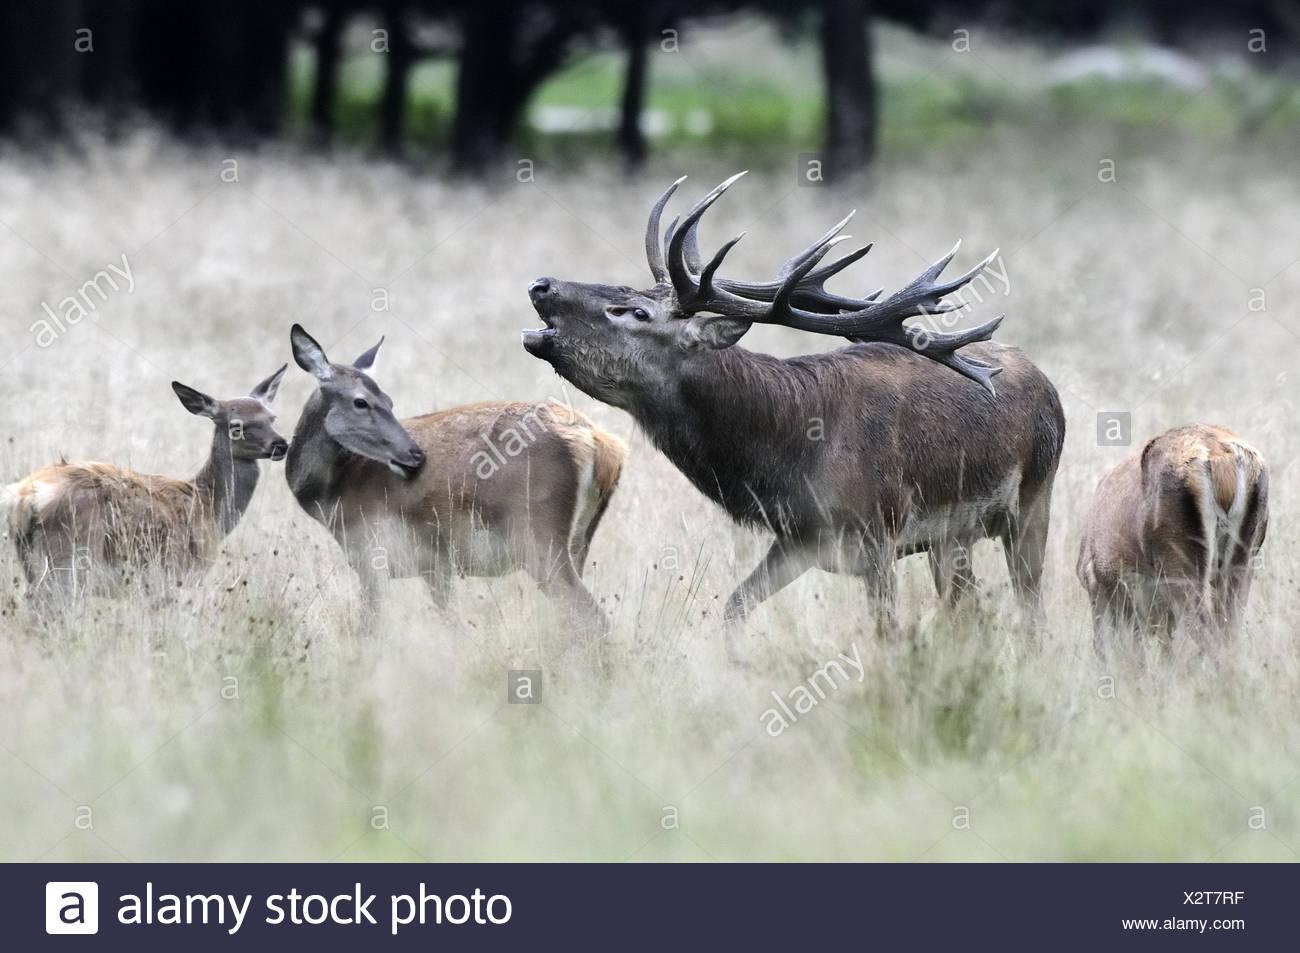 Red Deer Cervus Elaphus Deer Bell Rutting Season Wood Grass Red Deer Deer Big Game Rut Wild Animals Animals Group Call Antlers Deer Antlers Hinds Three Nature Stock Photo Alamy